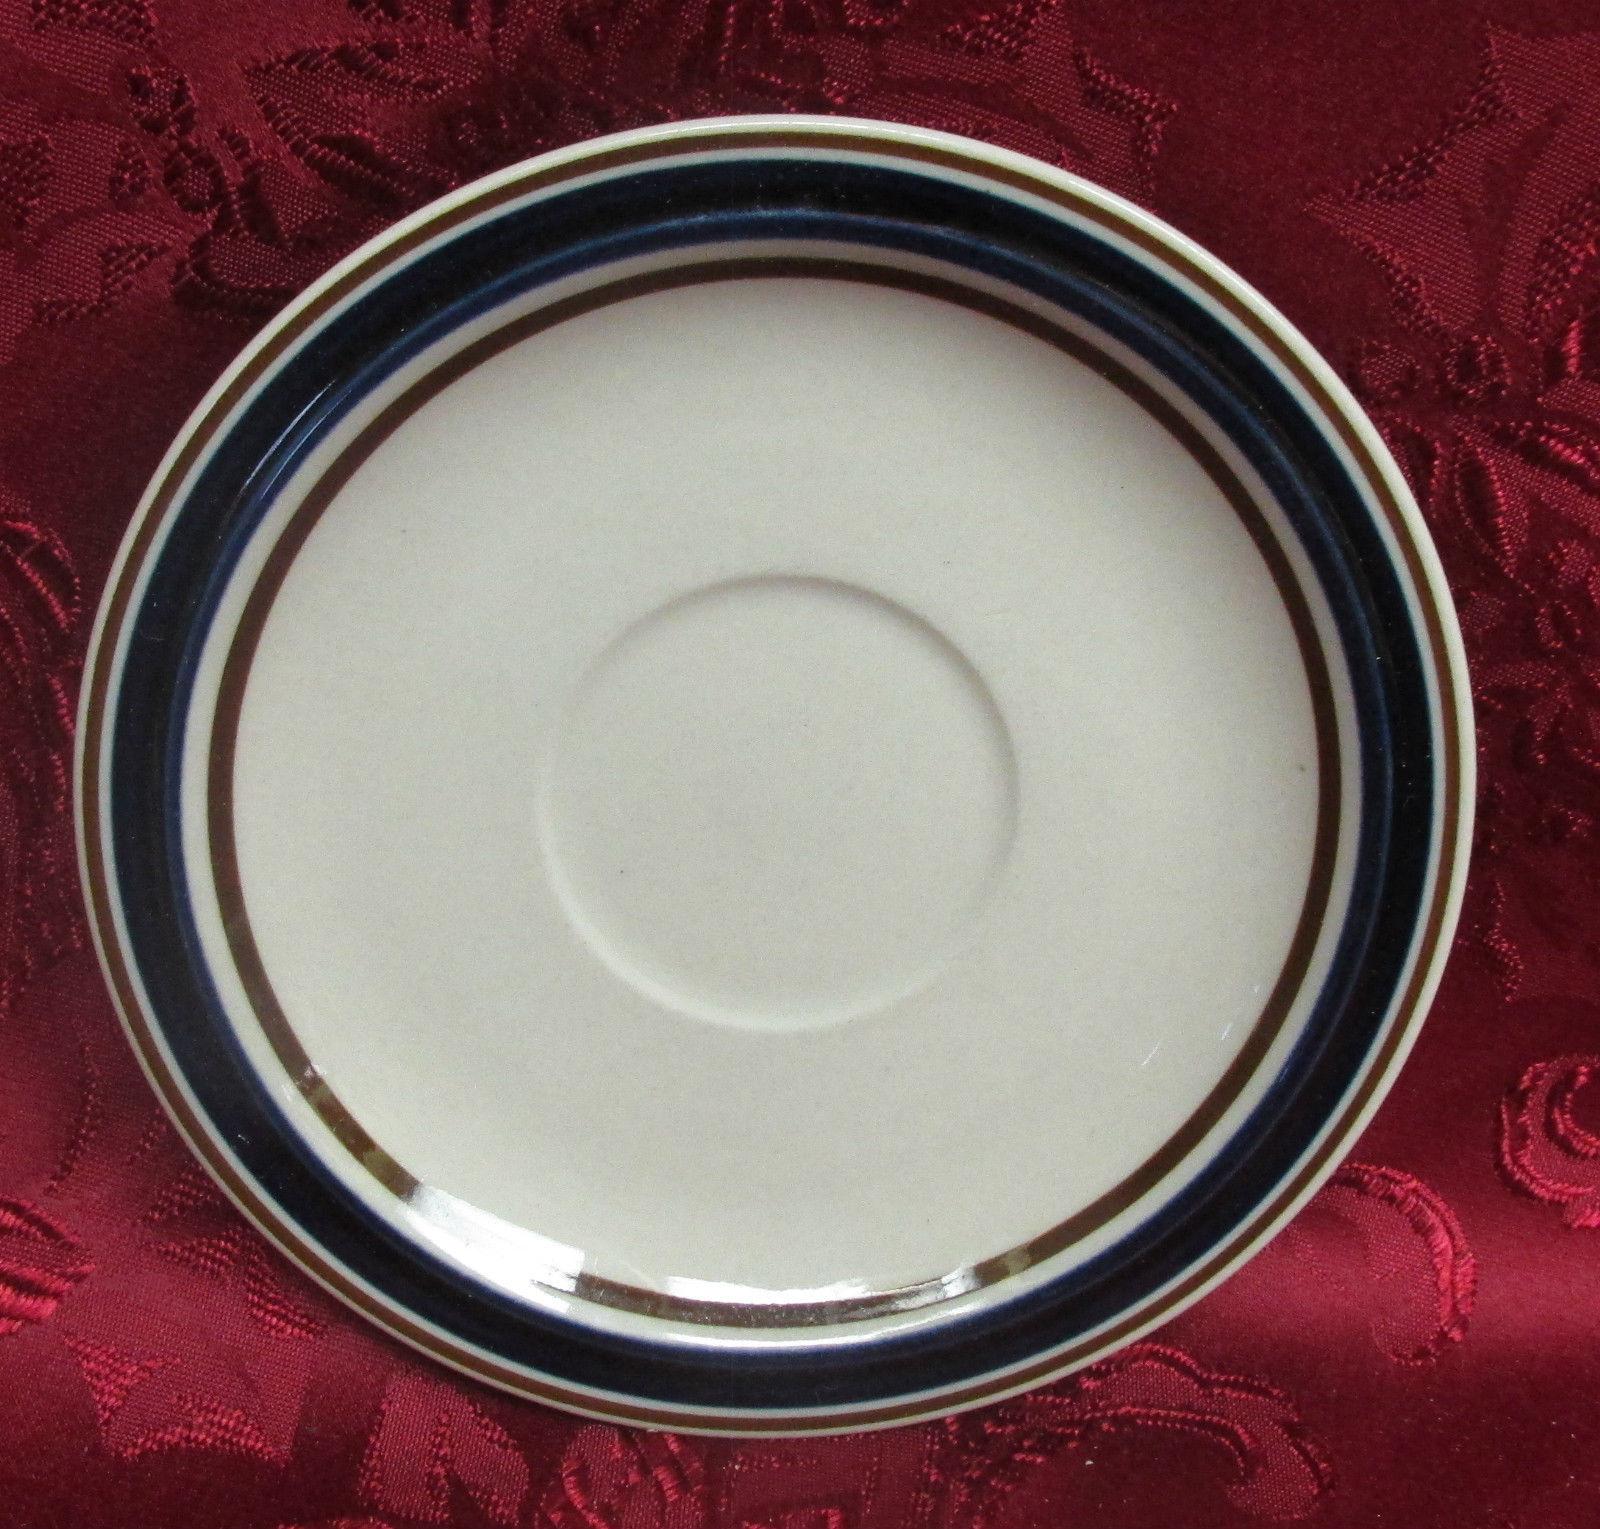 Regency Saucers Set of 2 Saucers - $9.99